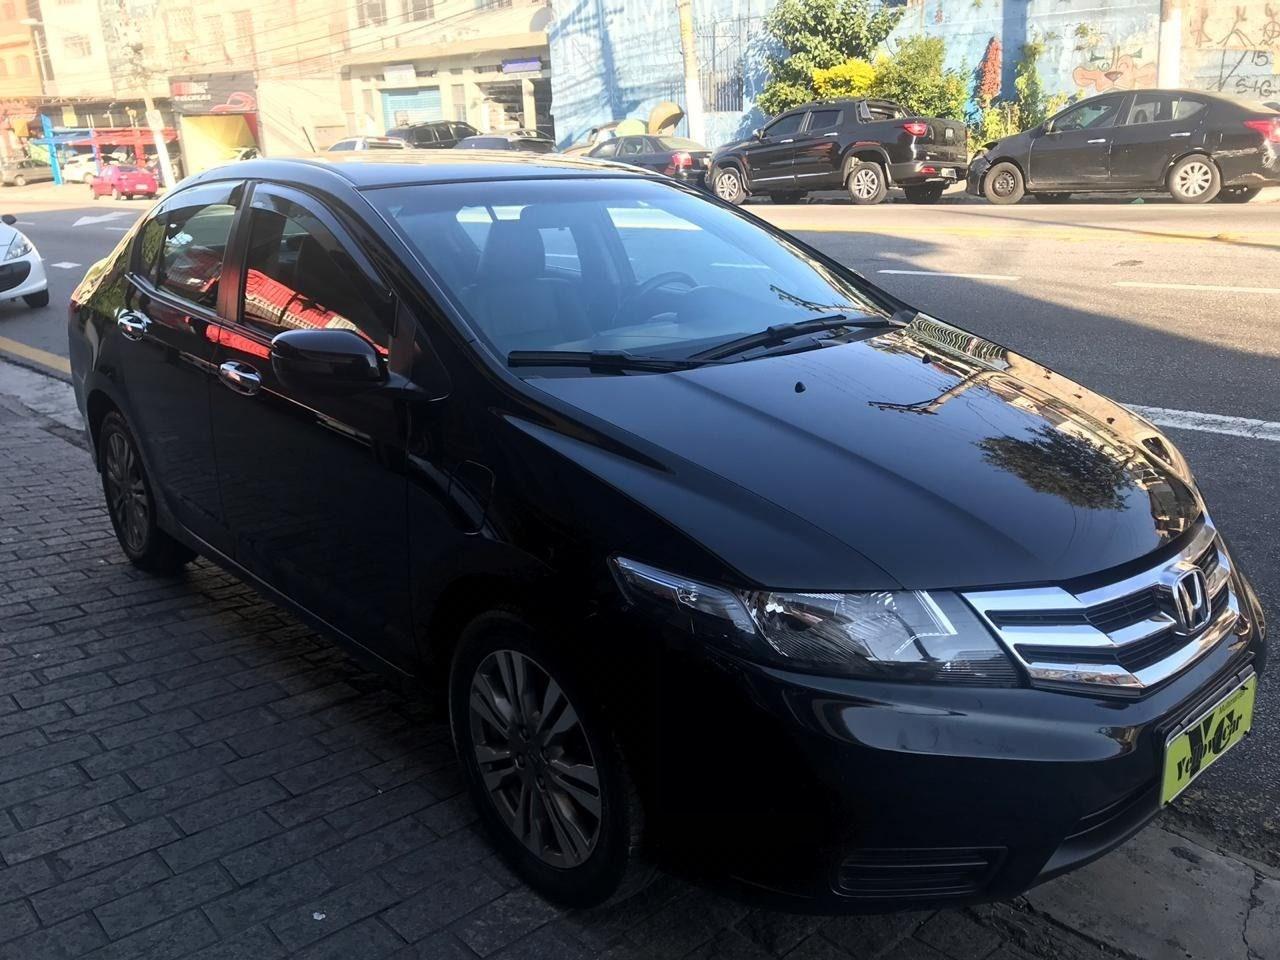 //www.autoline.com.br/carro/honda/city-15-ex-16v-flex-4p-manual/2013/sao-paulo-sp/13909616